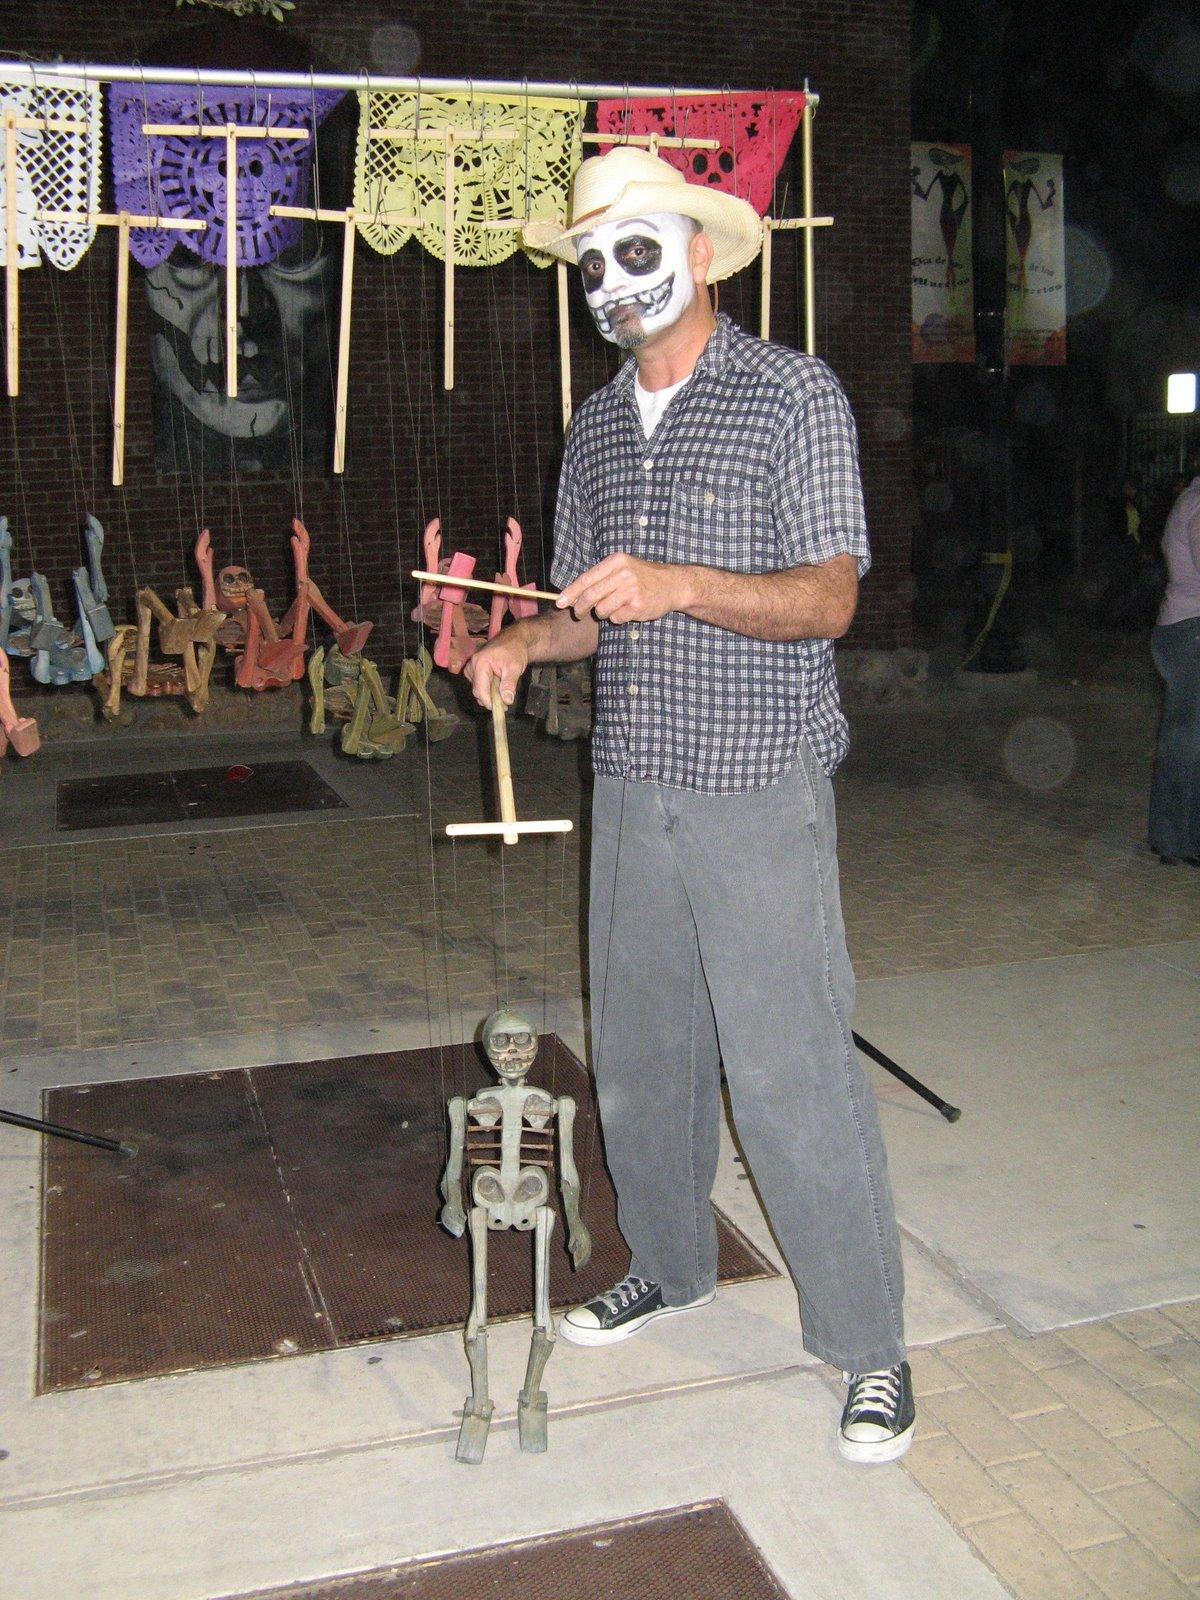 [Dia+De+Los+Muertos+El+Paso+IMG_0889.jpg]